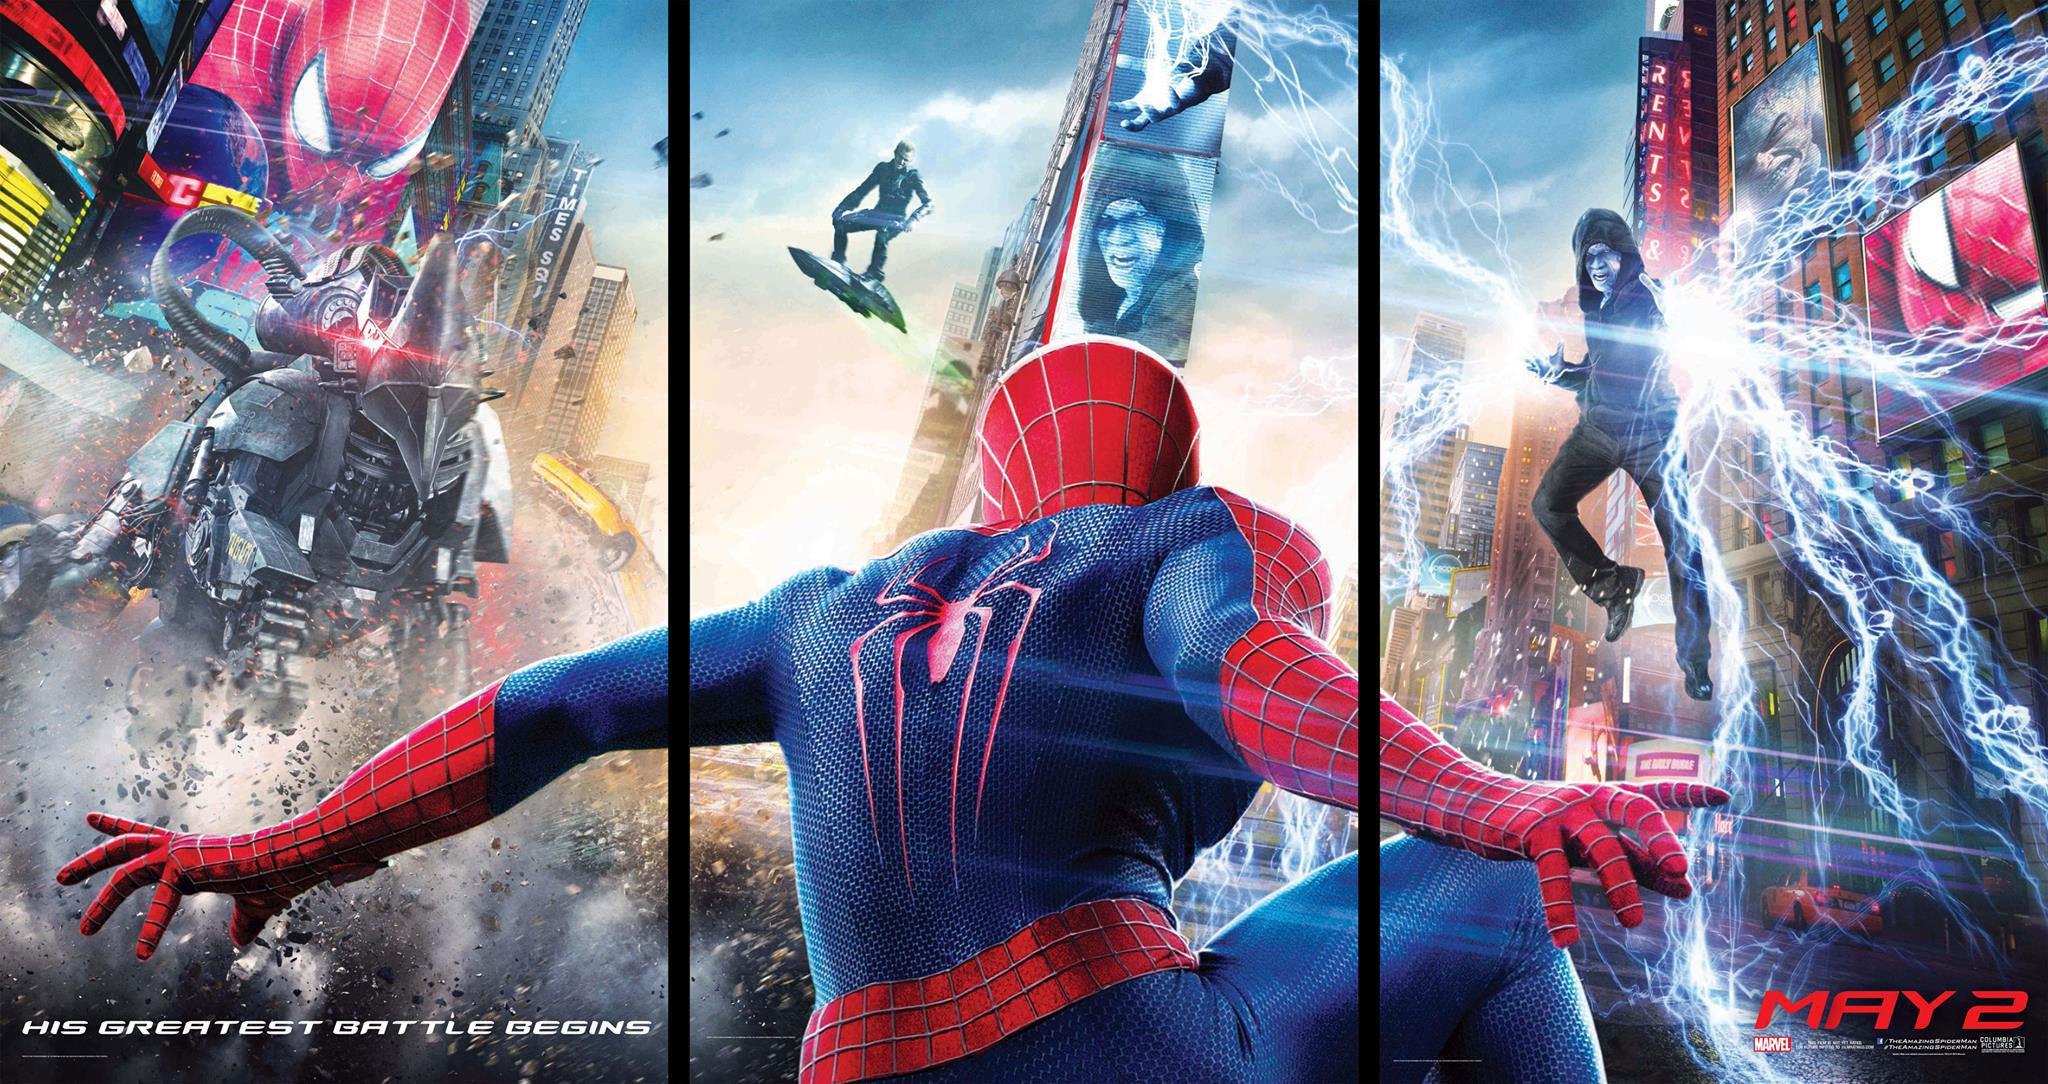 《超凡蜘蛛侠2》预告首发 电光人宣战彩蛋引出六大反派